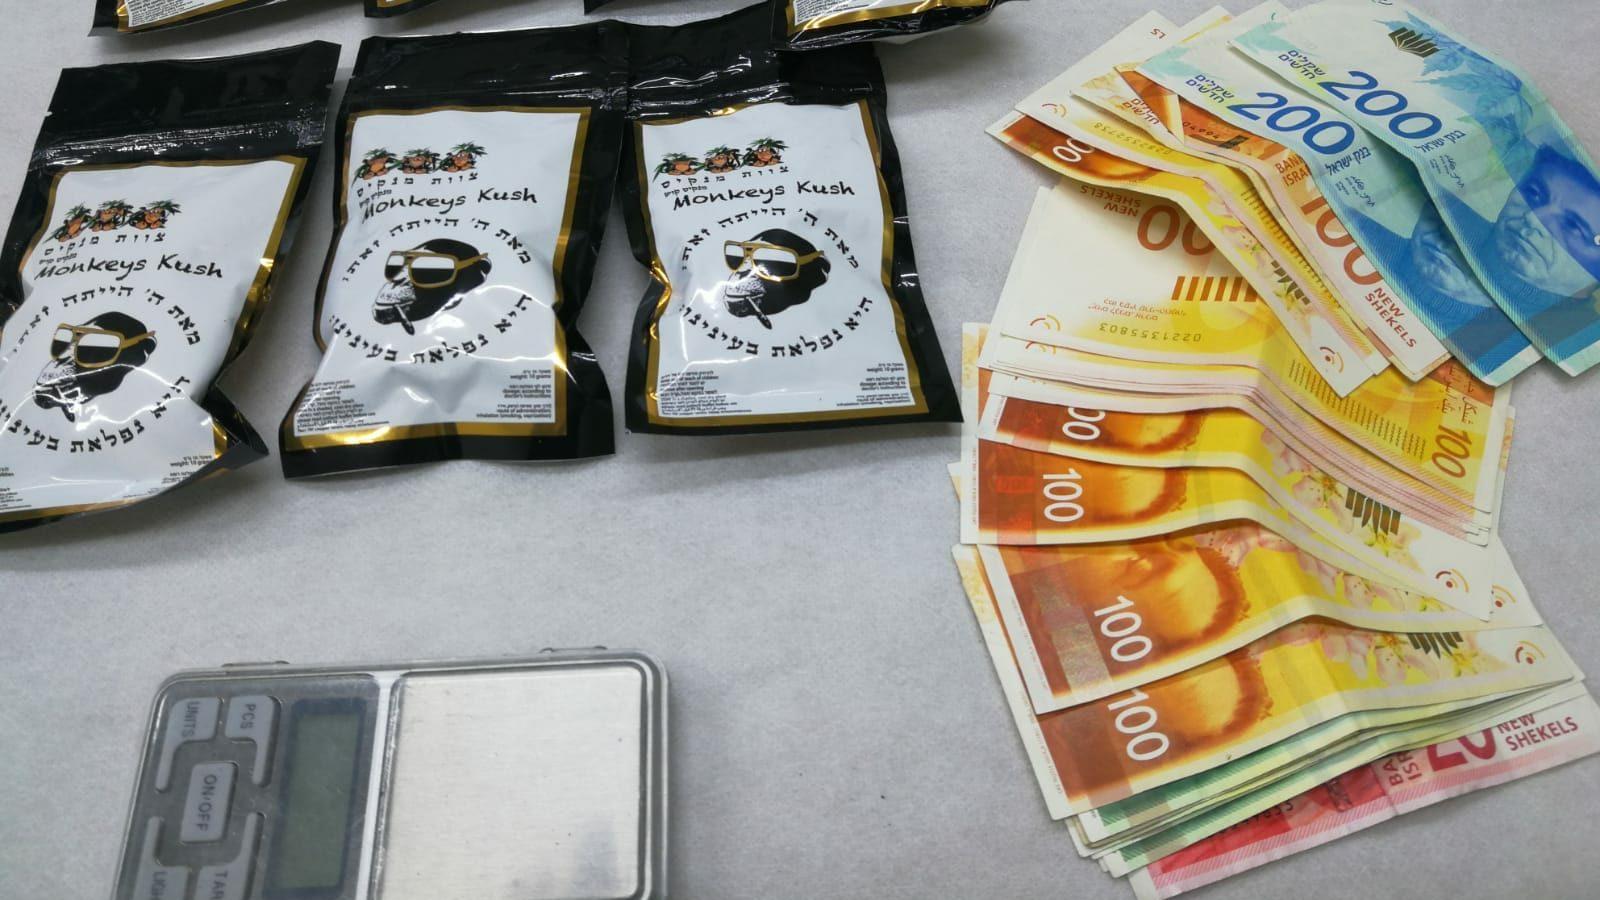 בן 27 נעצר בחשד לסחר בסמים – ברכבו נמצאו אלפי שקלים, משקל וכמות גדולה של סמים